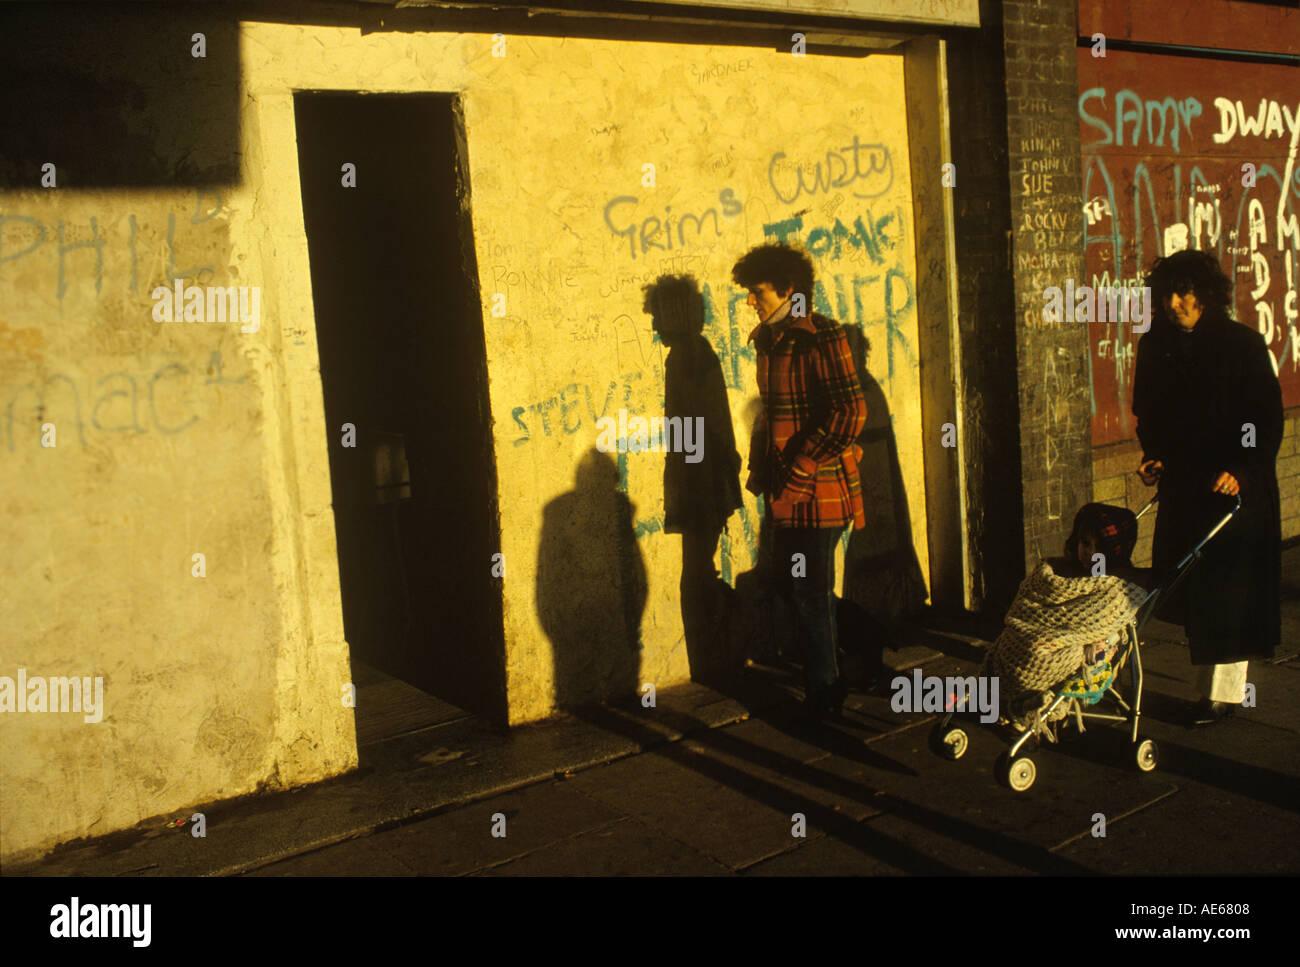 Protetto shop - parete di calcestruzzo finestra dove una volta era stretta apertura angolo locale negozio Liverpool Lancashire degli anni ottanta 80s Uk HOMER SYKES Immagini Stock